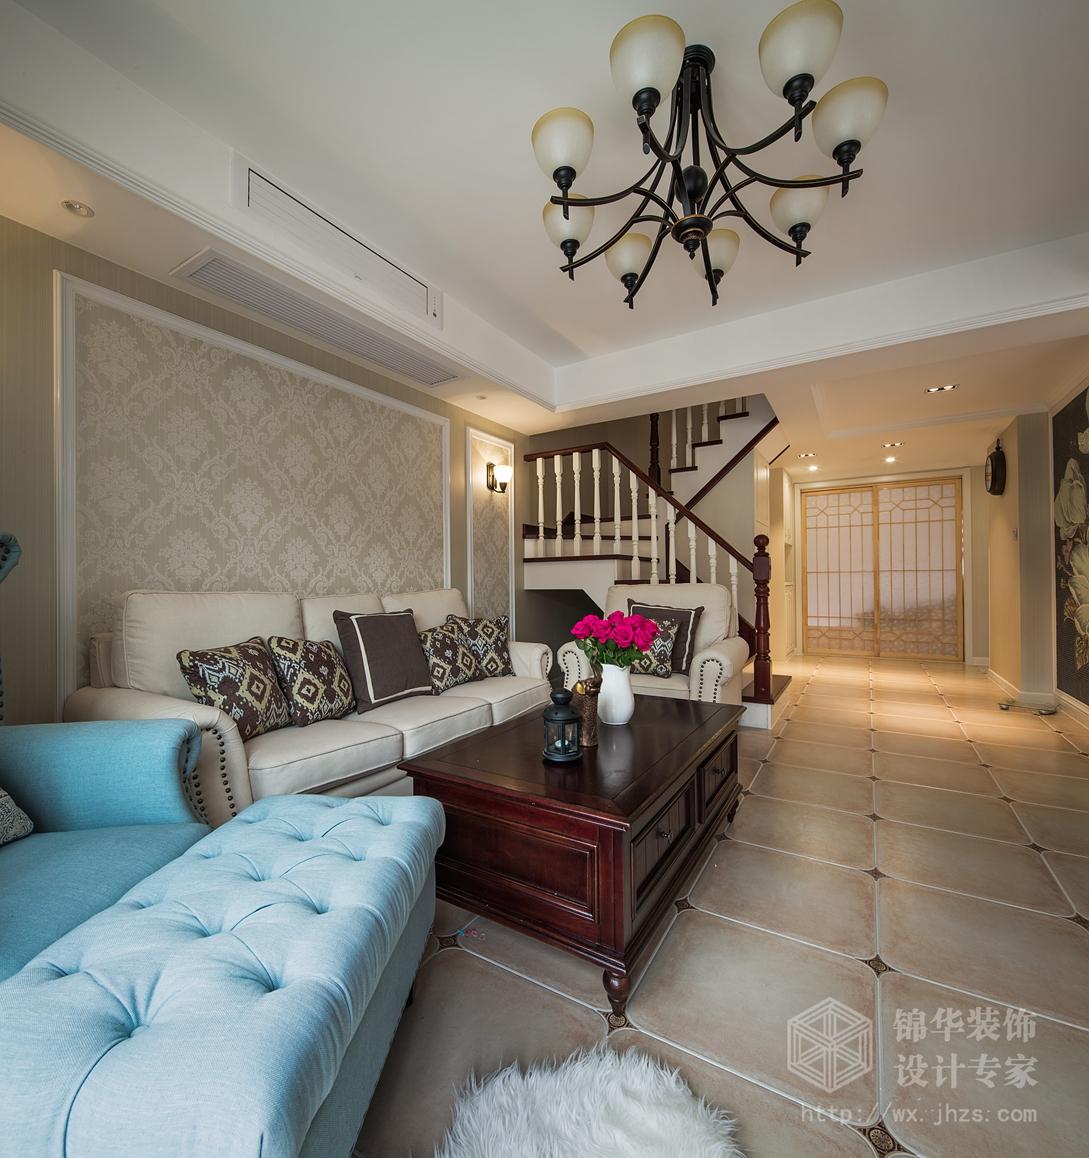 万科魅力210四室两厅两卫简美风格实景图